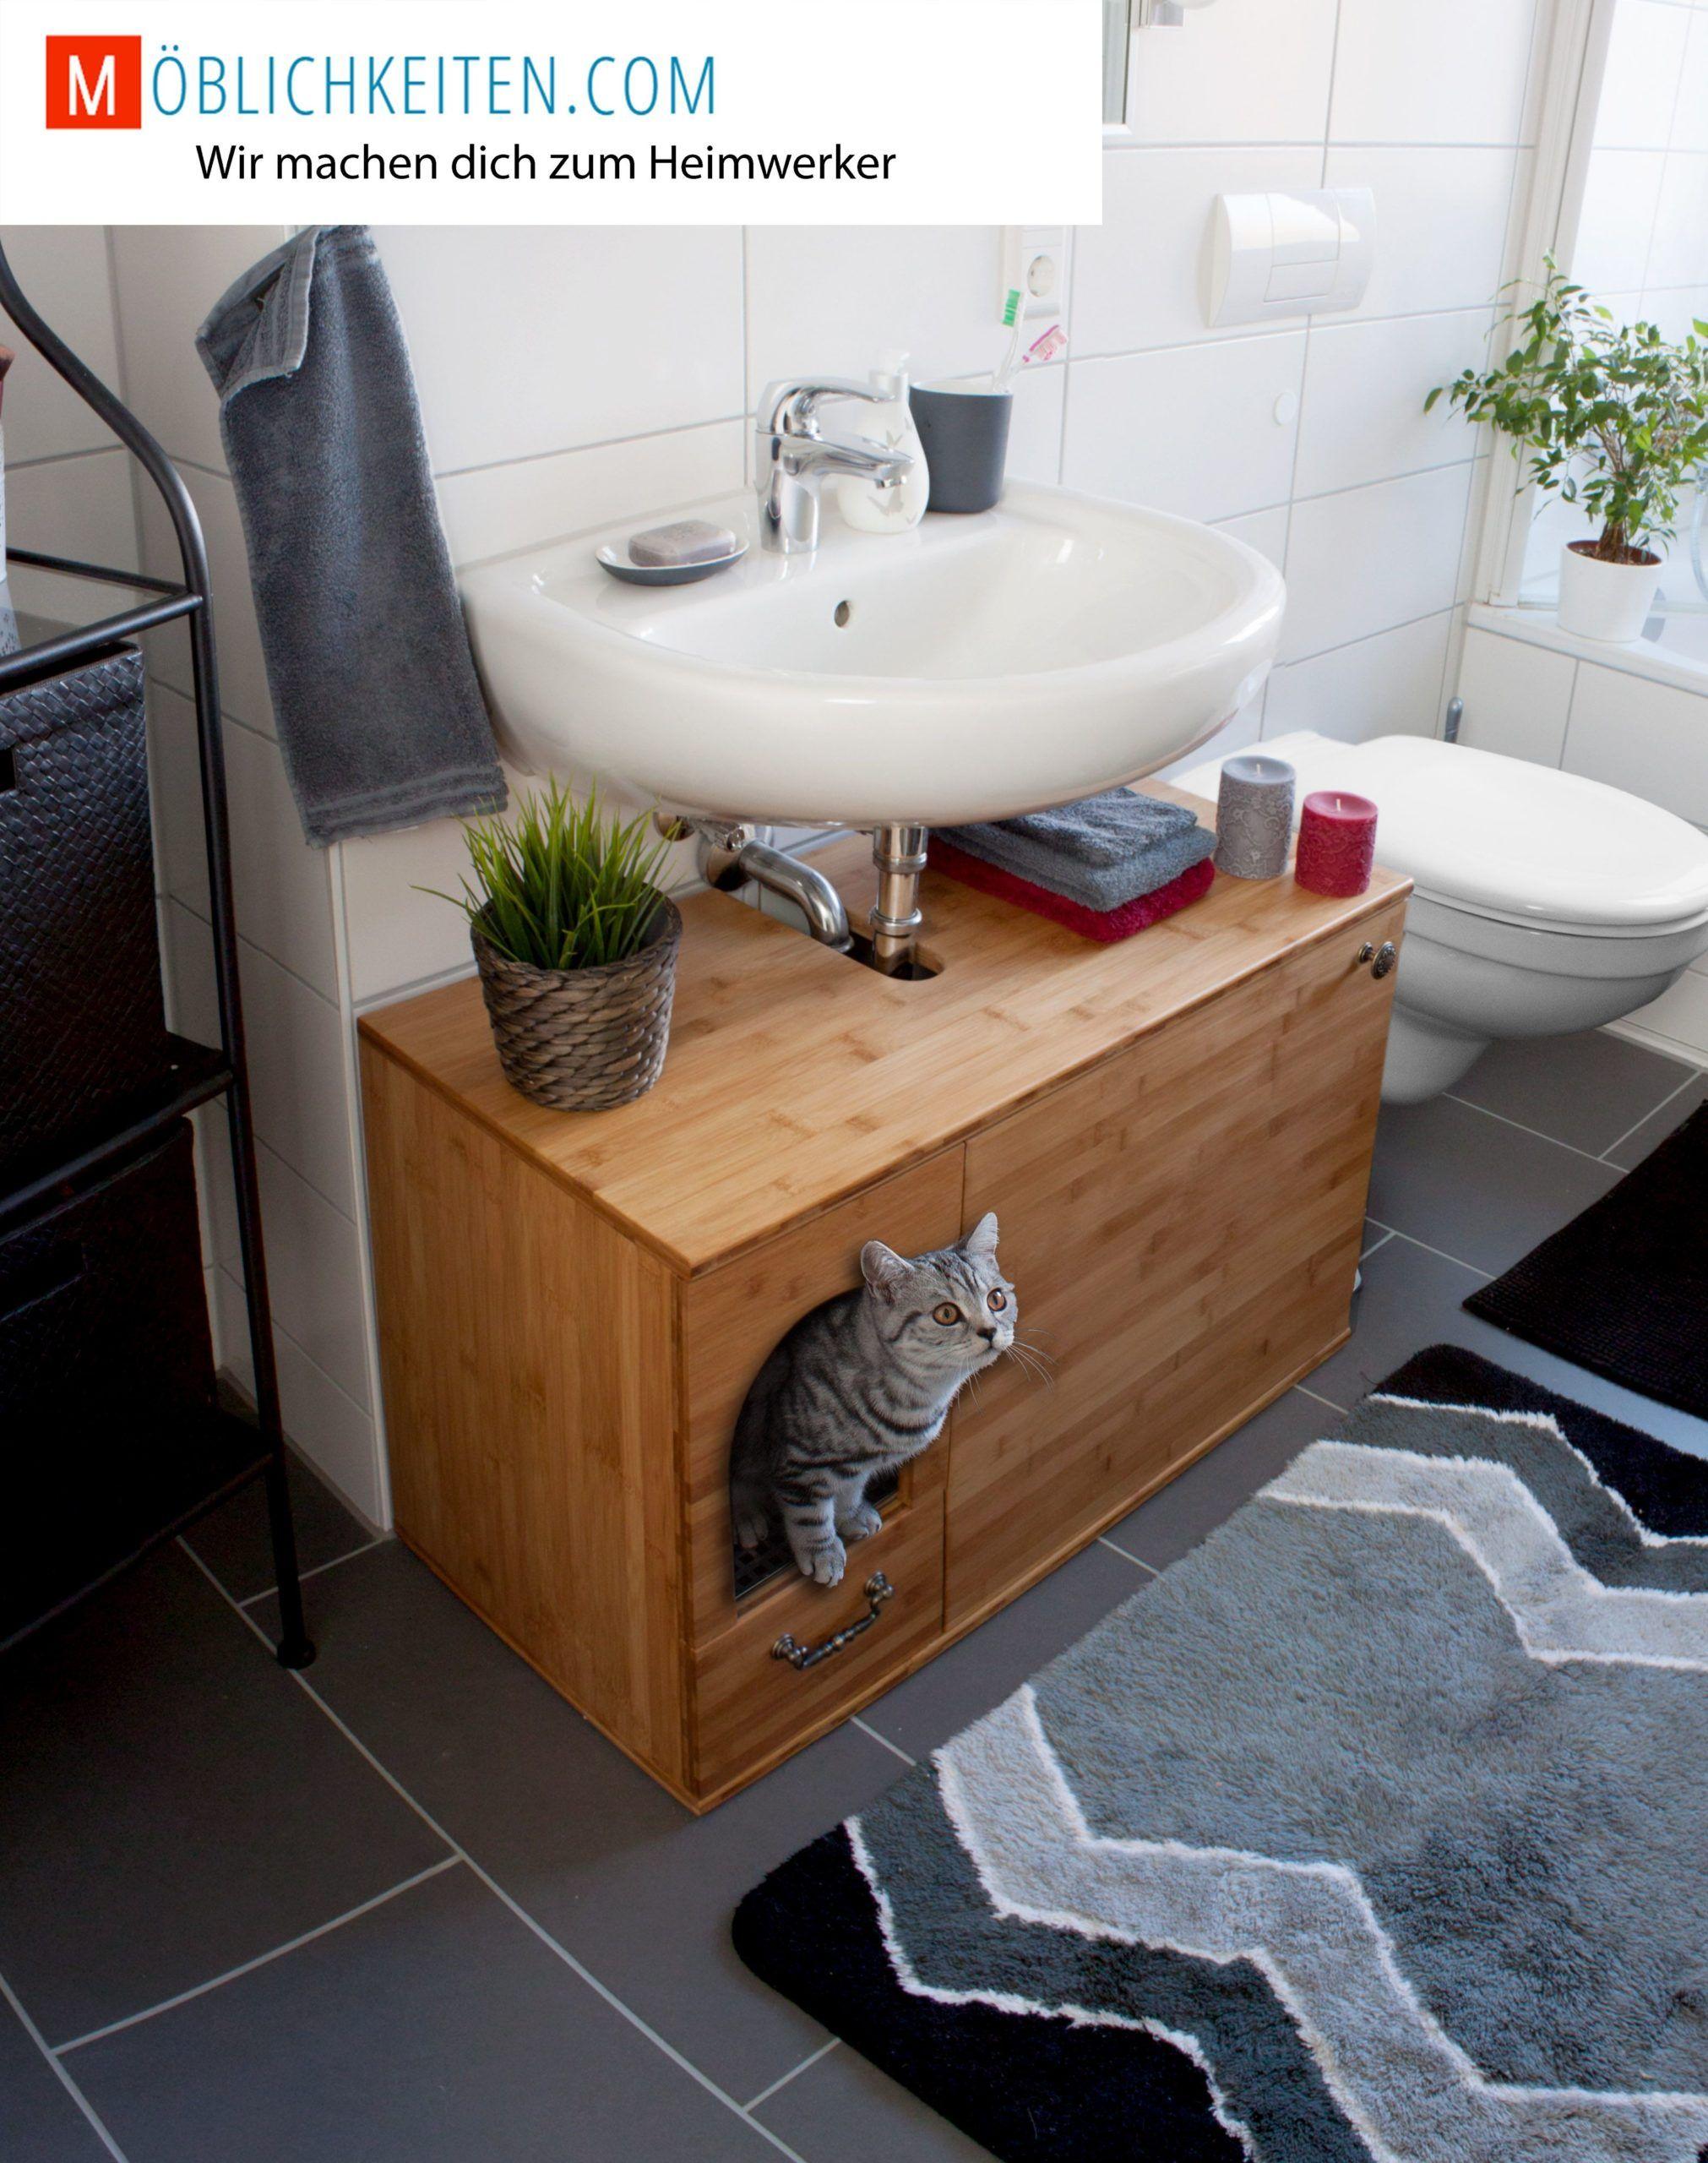 Produkte Katzenklo Als Waschbecken Unterschrank Schluss Mit Dem Billigen Katzenklo Aus Plastik Und Schluss Mit Ver Katzen Toilette Katzen Klo Katzentoilette